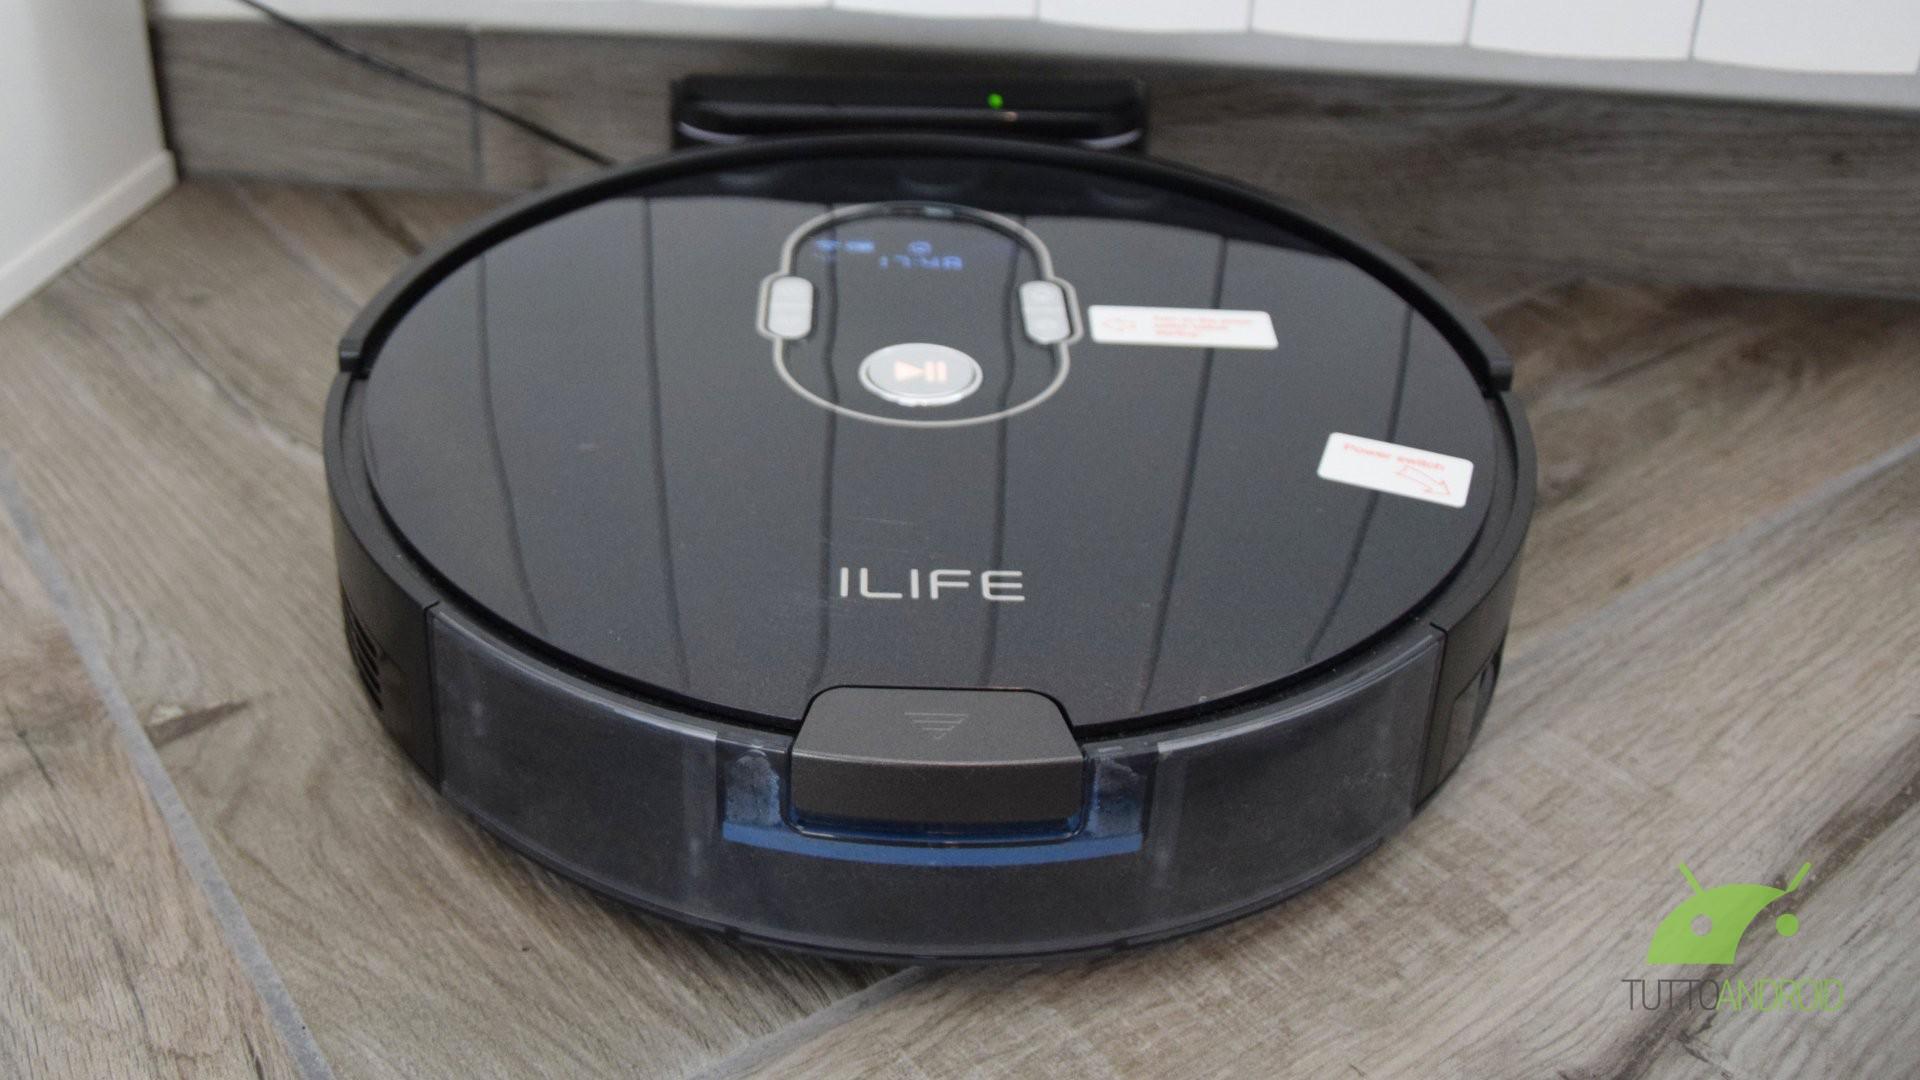 ILIFE A7 sfida gli aspirapolvere robot più famosi: scopritelo nella nostra prova sul campo